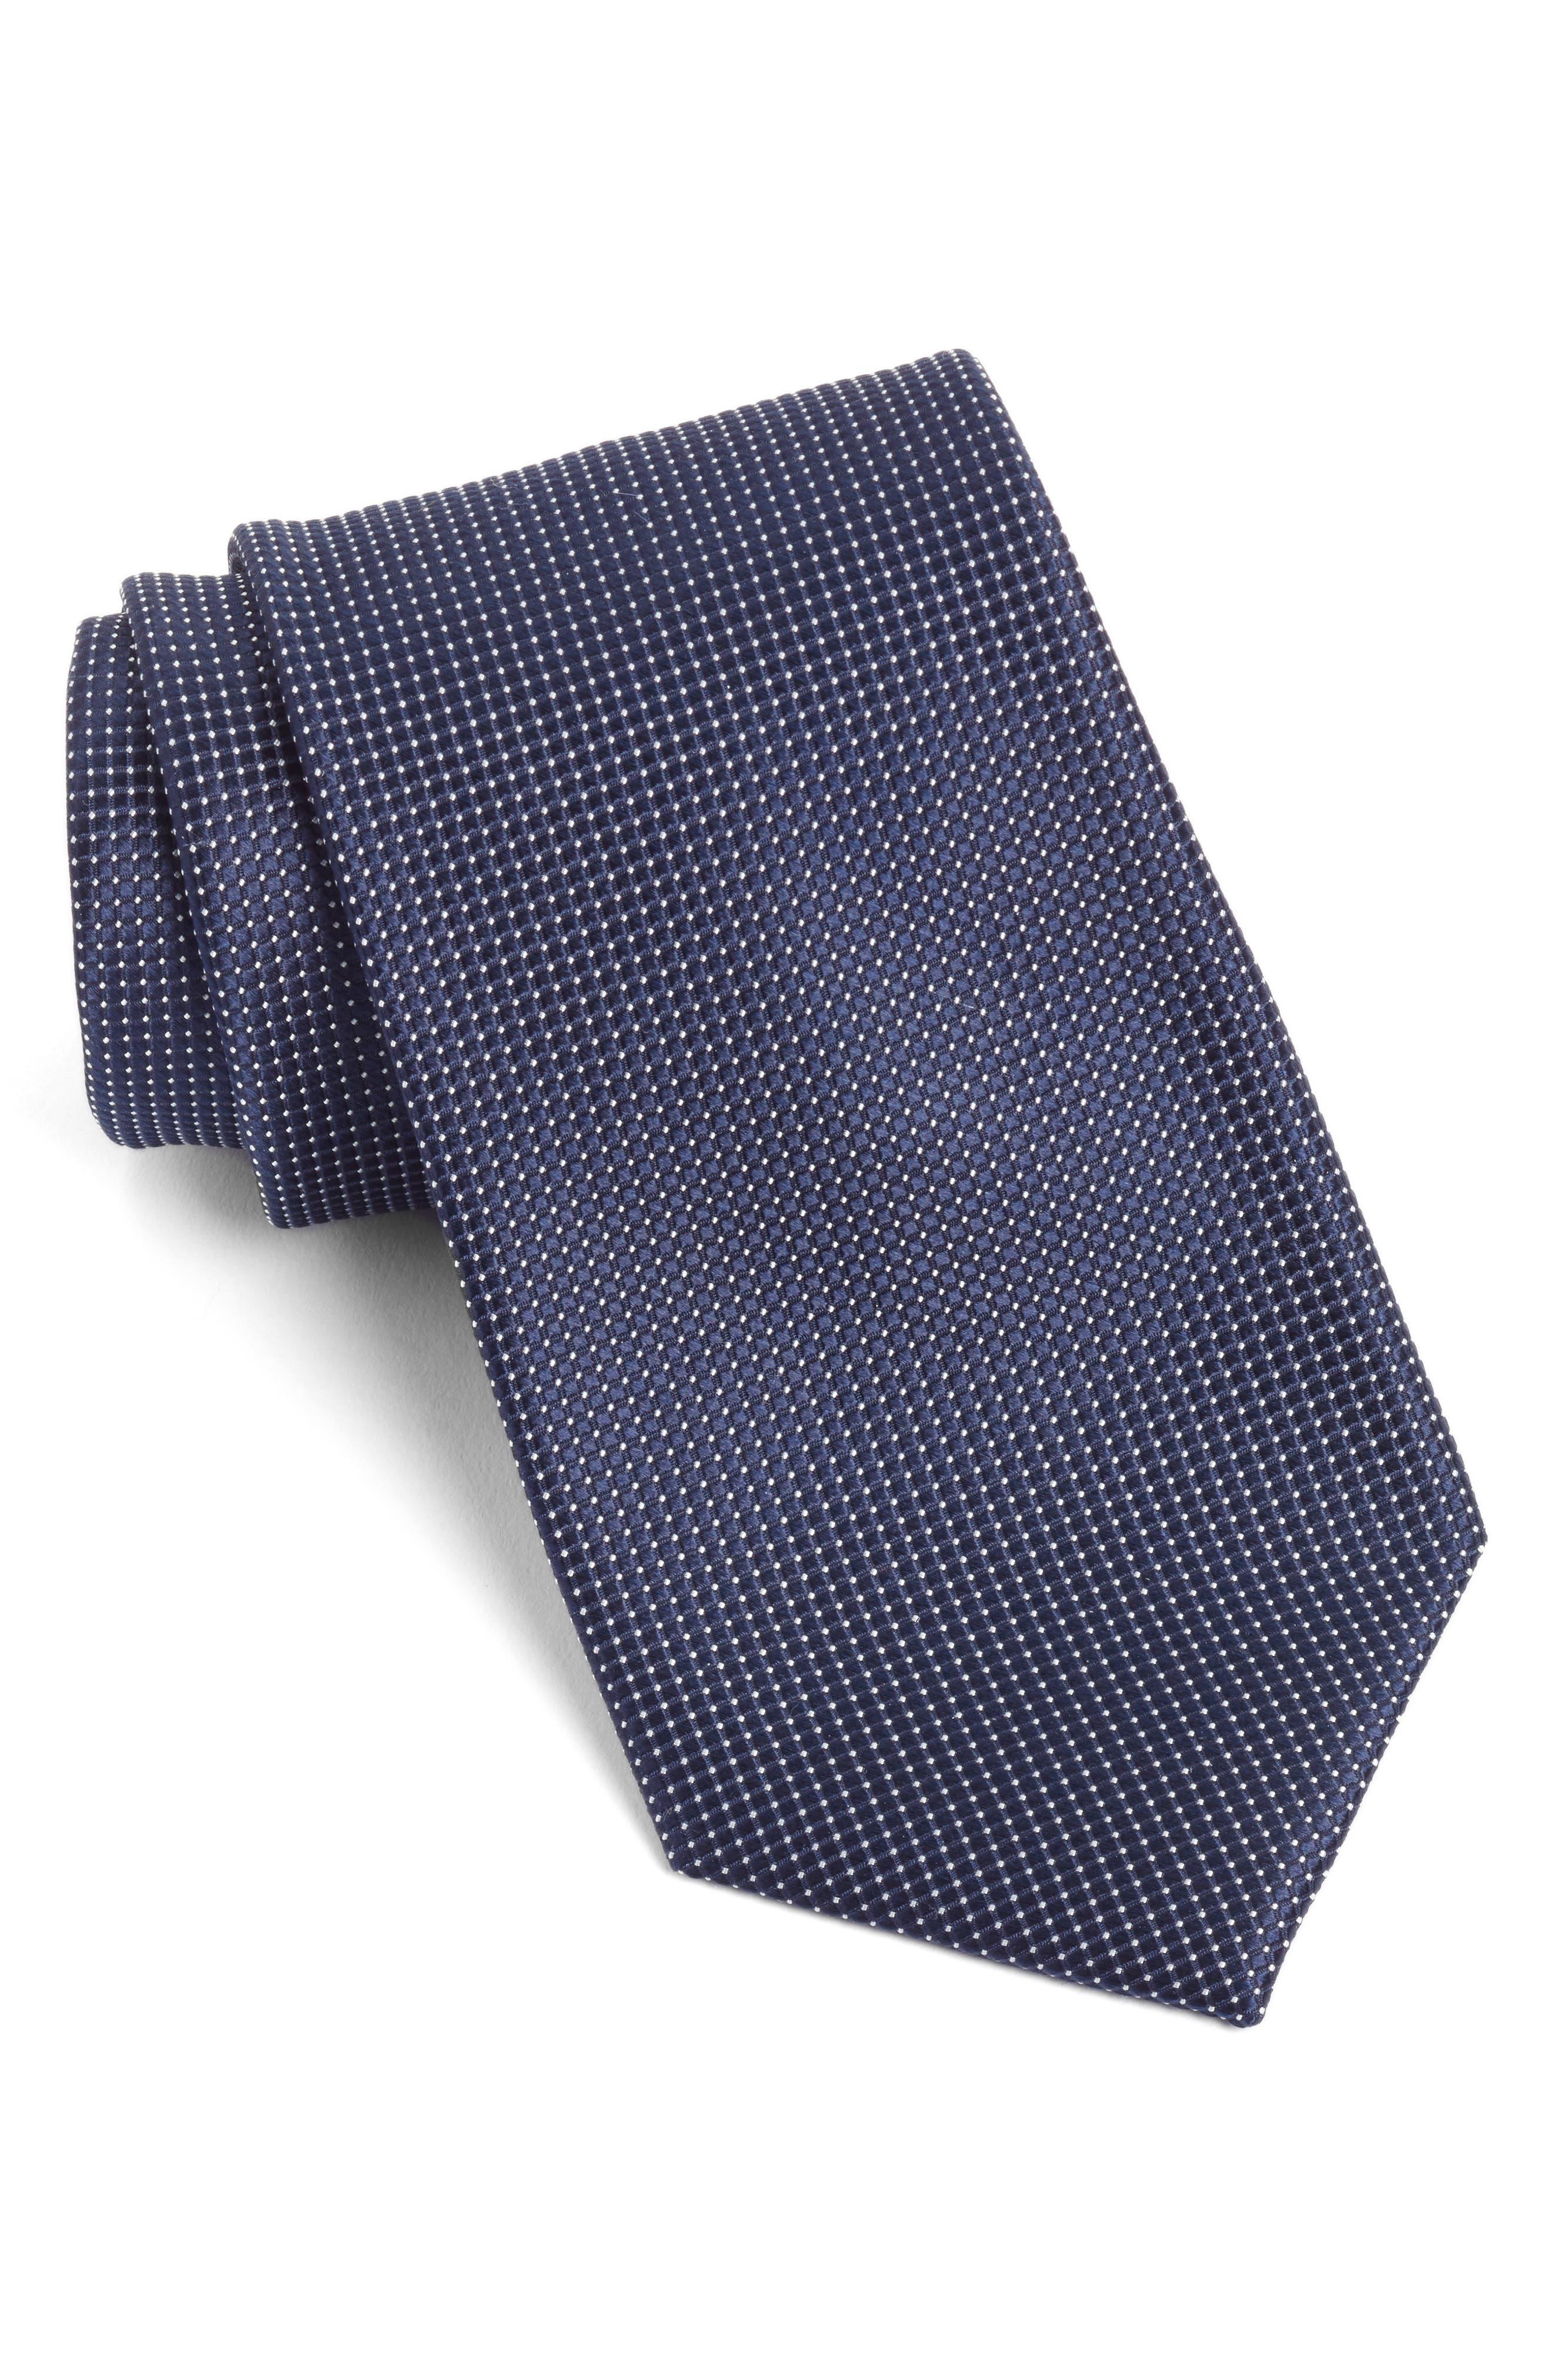 Micro Pin Dot Silk Tie,                             Main thumbnail 1, color,                             Navy